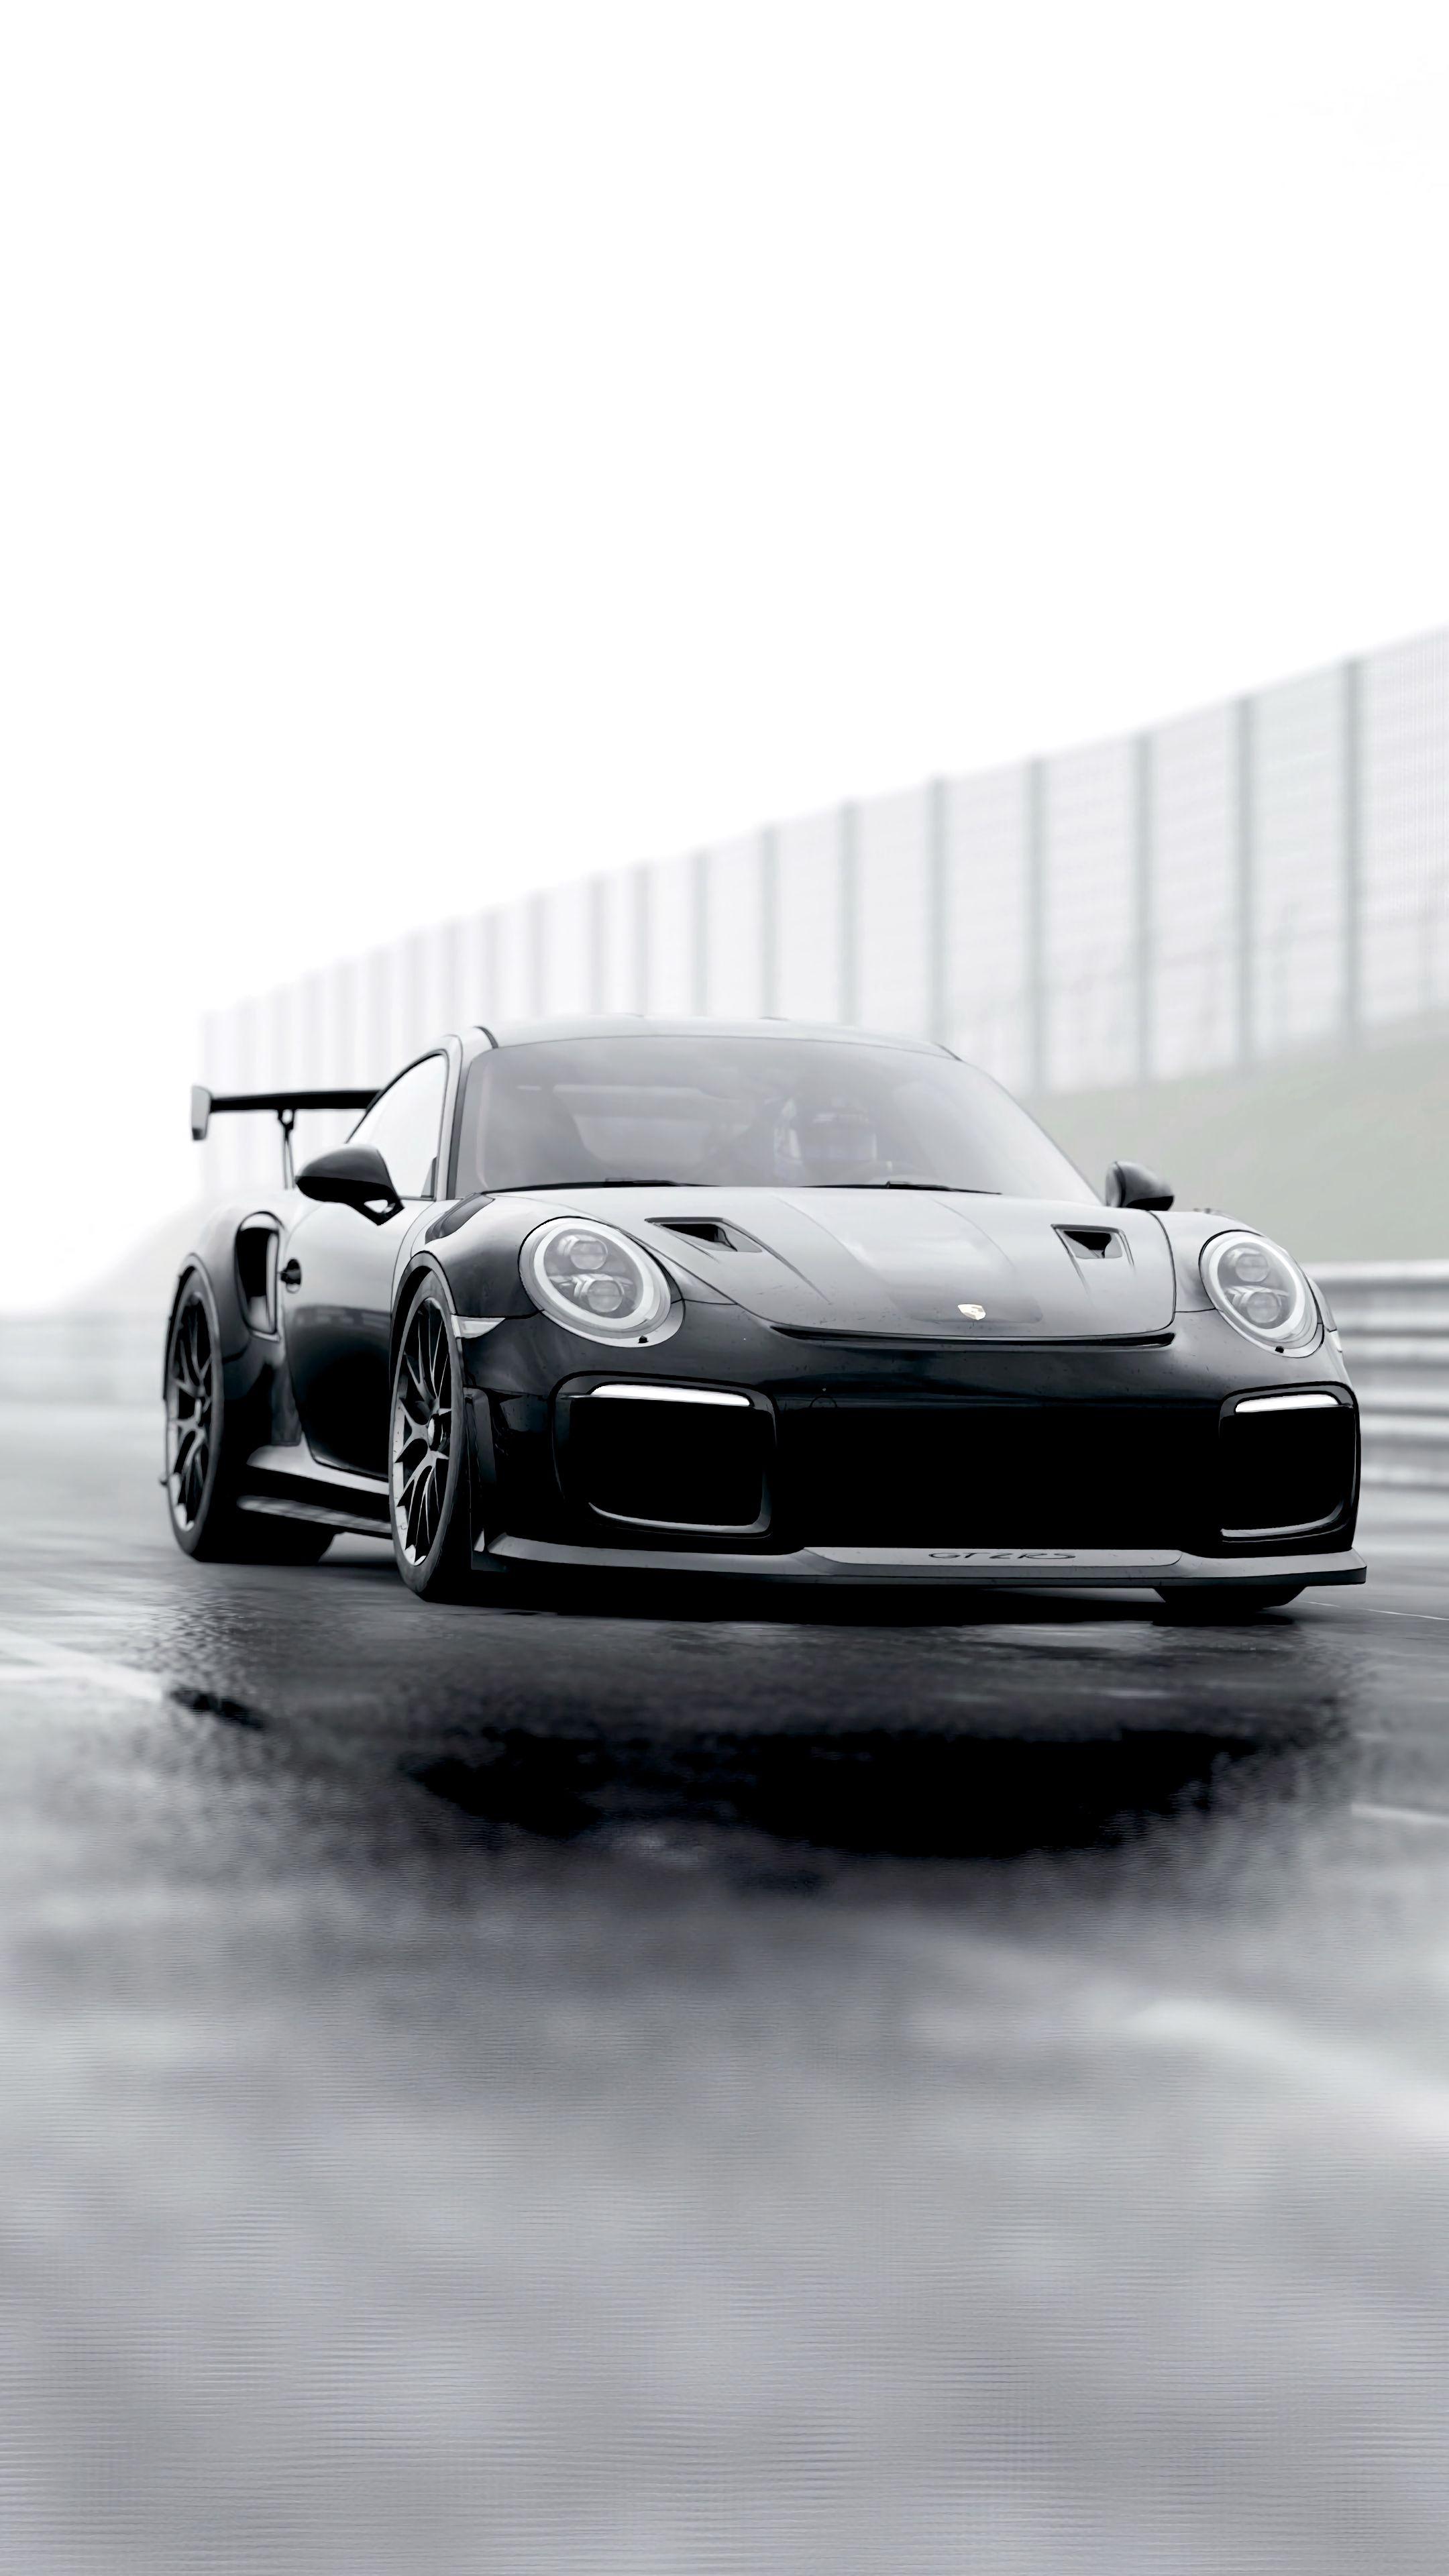 146027 Заставки и Обои Порш (Porsche) на телефон. Скачать Гонки, Черный, Порш (Porsche), Тачки (Cars), Спорткар, Суперкар картинки бесплатно